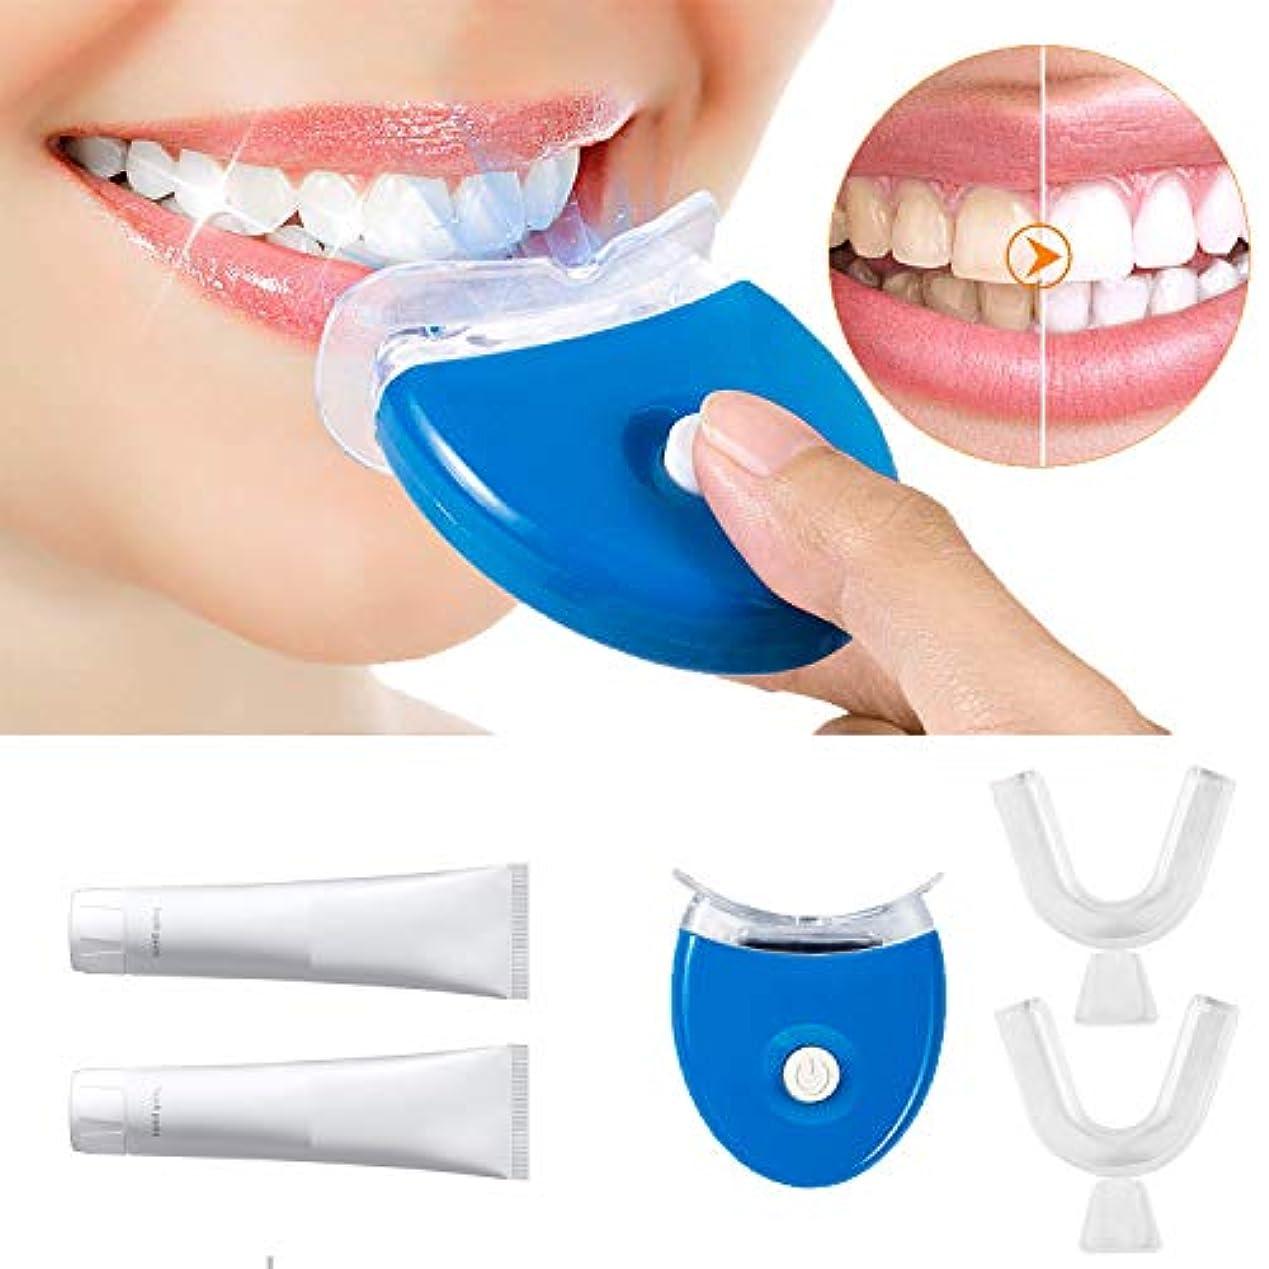 破滅規範酸化するホワイトニング 歯ホワイトニング器 歯美白器 美歯器 歯 ホワイトニング ホワイトナー ケア 歯の消しゴム 歯科機器 口腔ゲルキット ブルー